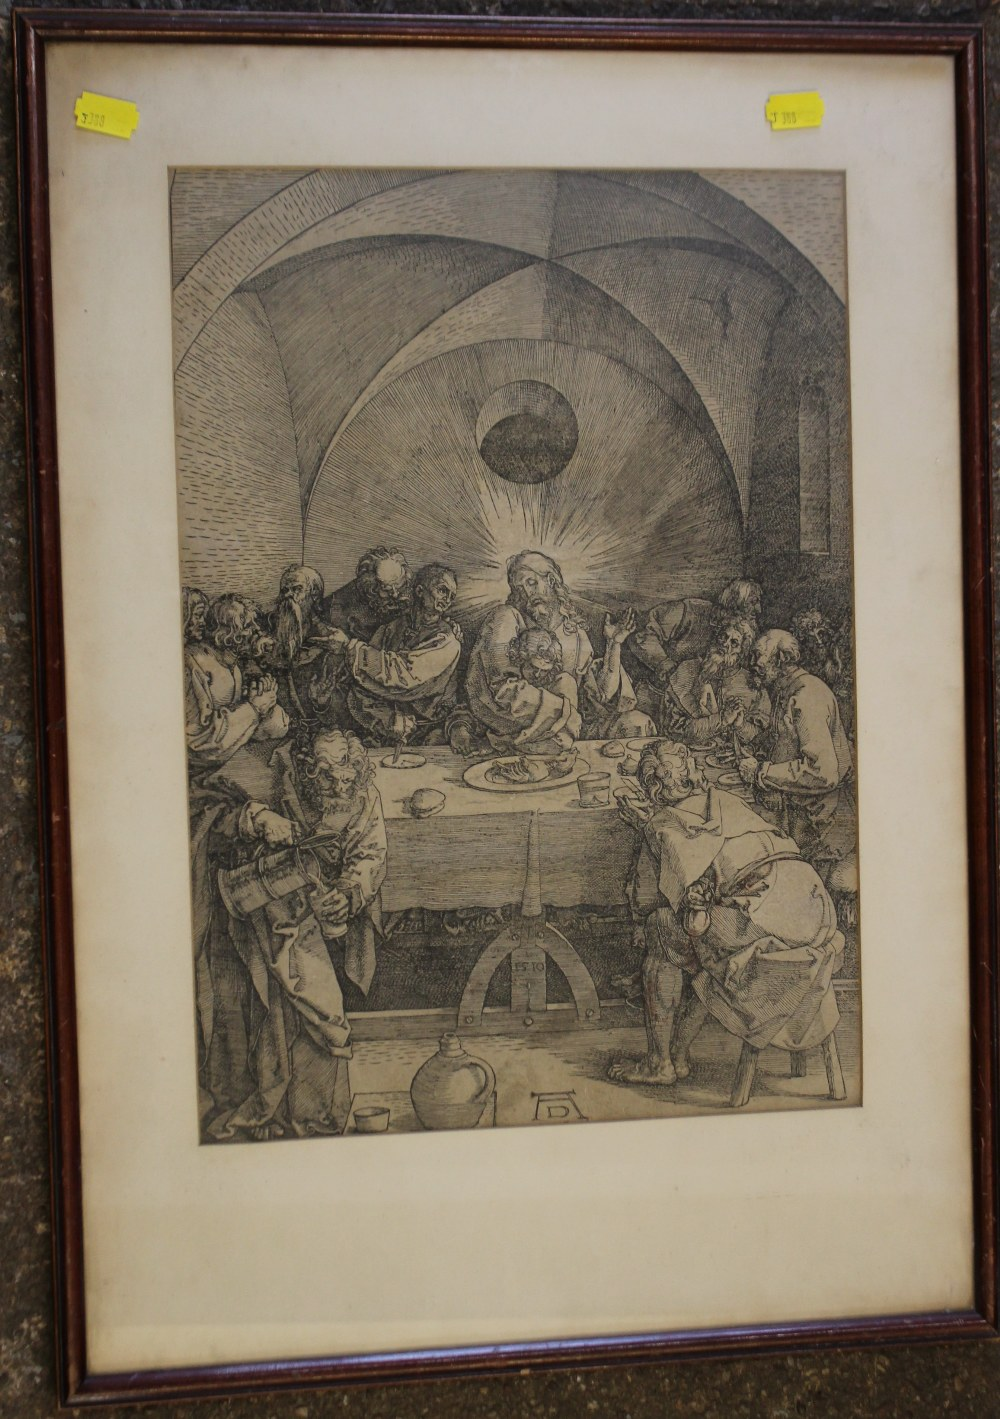 Lot 66 - AFTER ALBRECHT DURER (1471-1528). German school, 19th century religious interior scene with Jesus